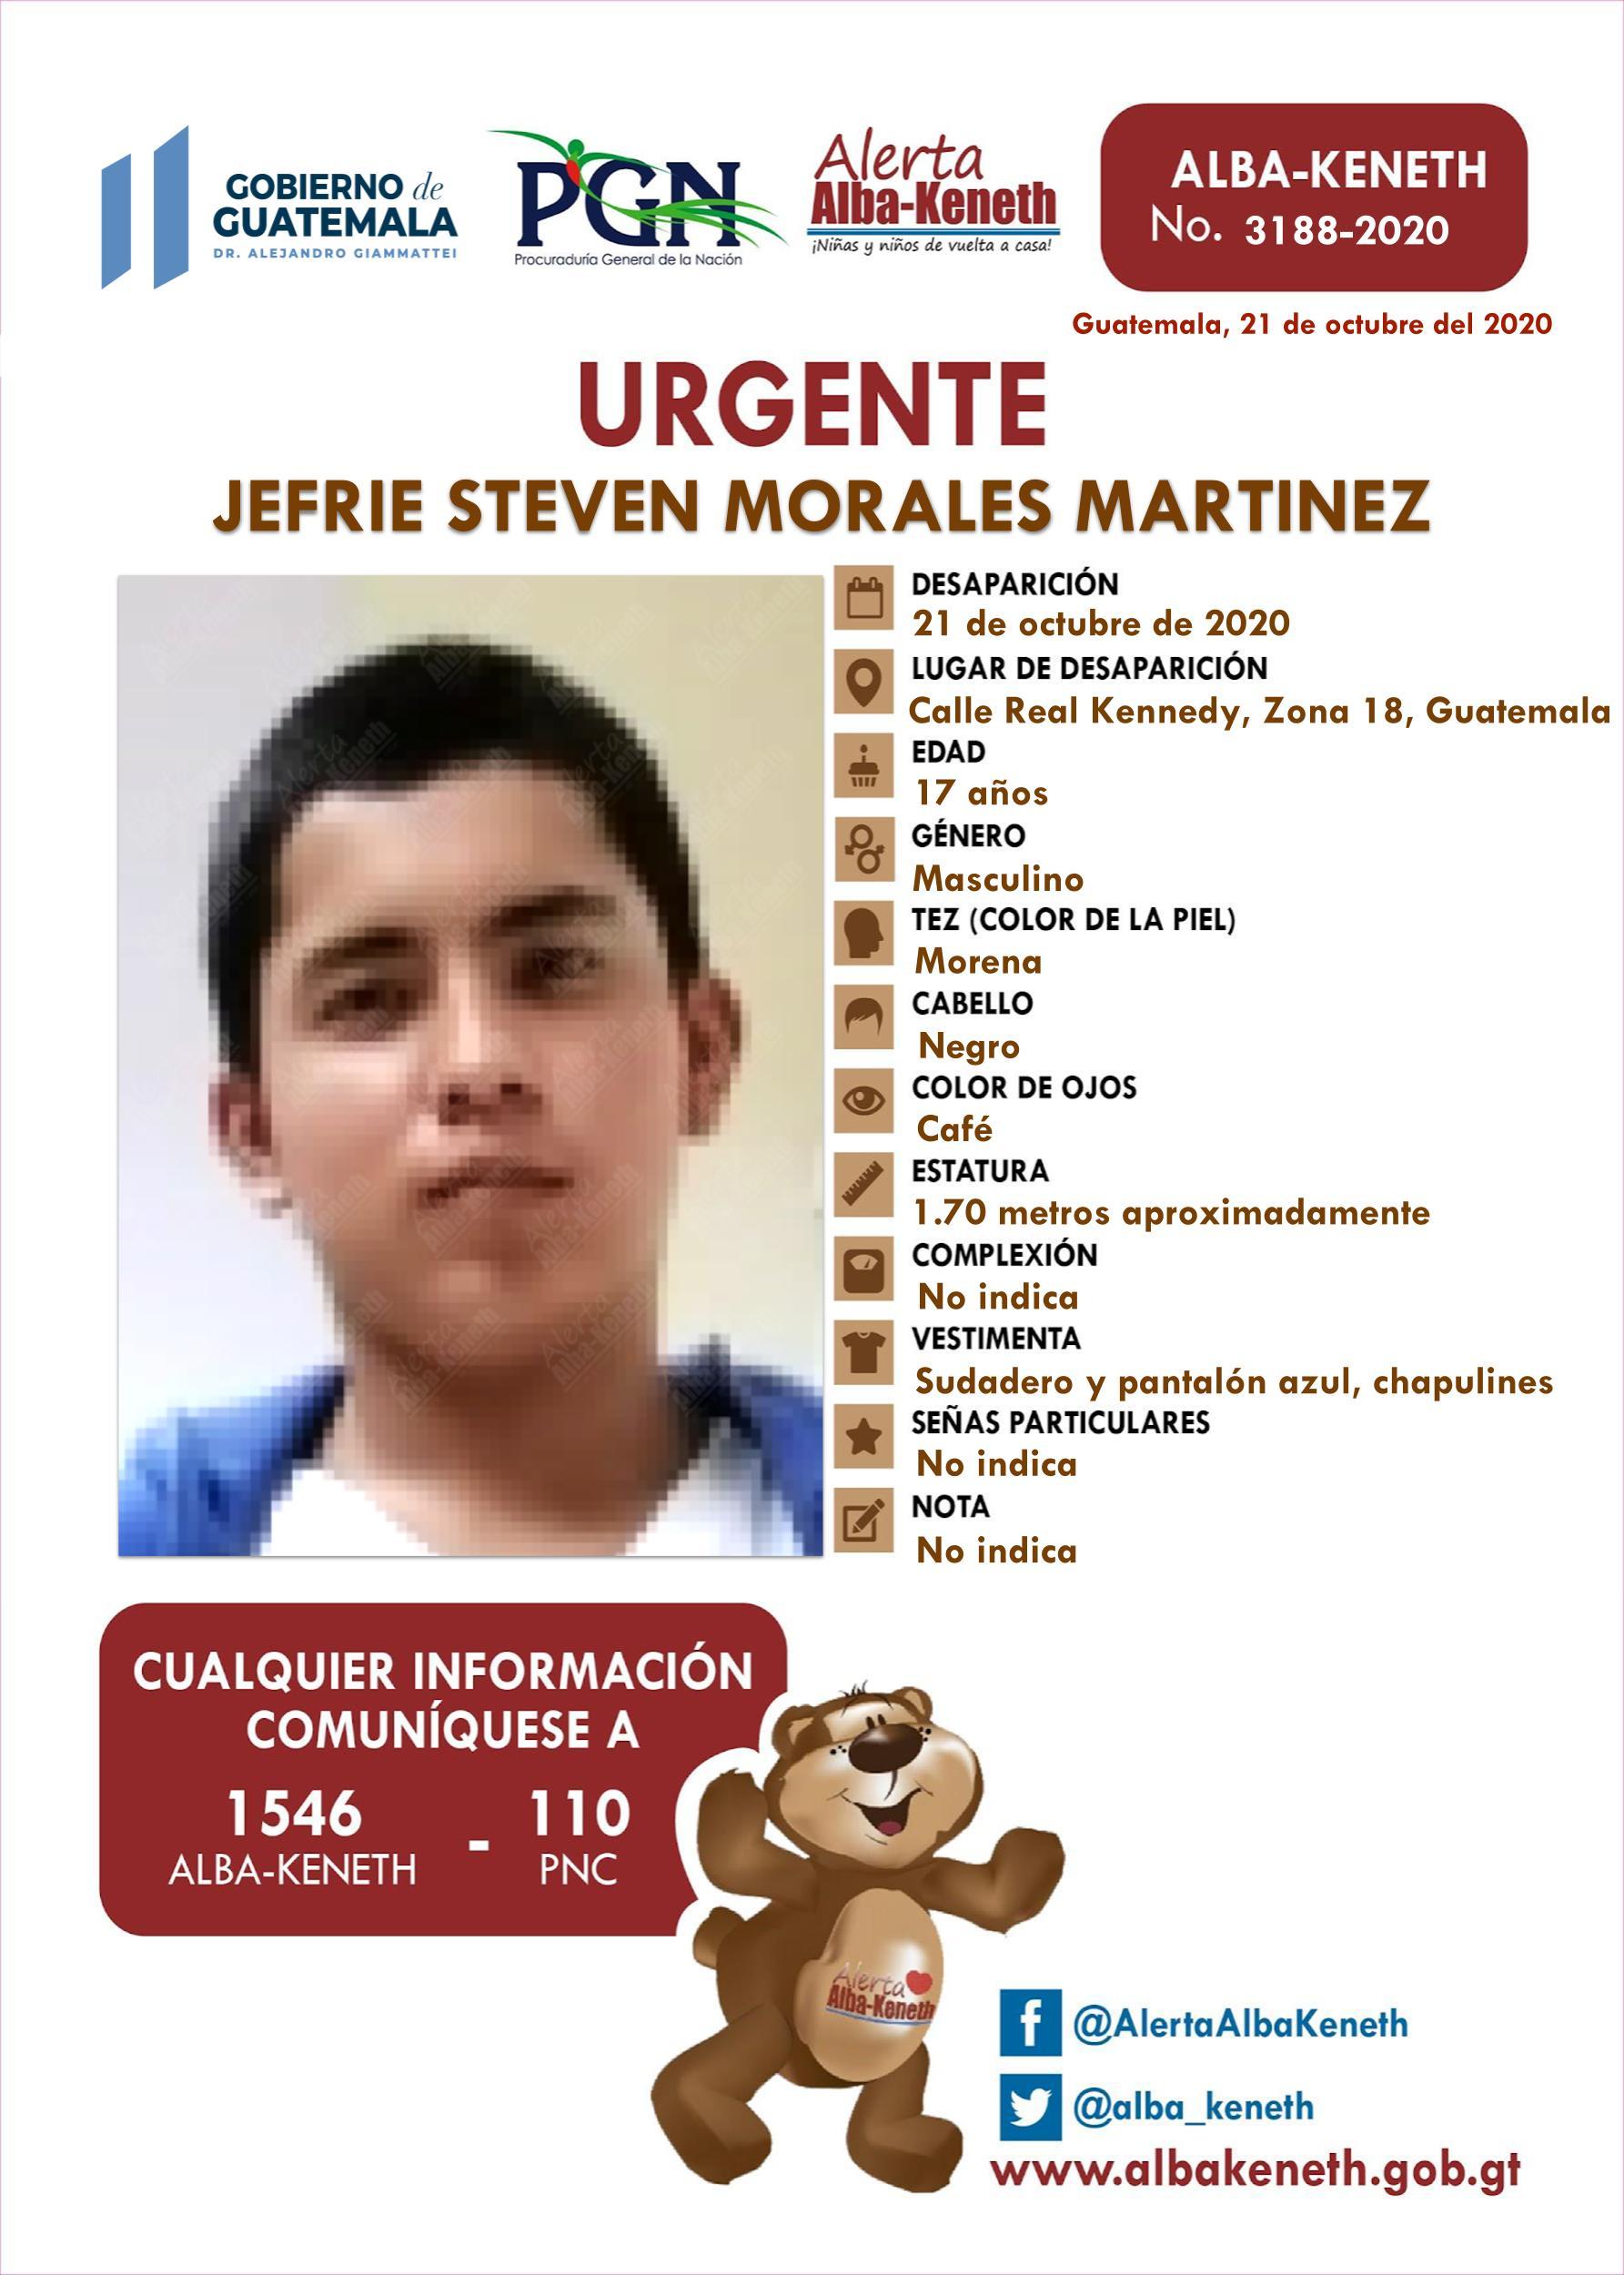 Jefrie Steven Morales Martinez